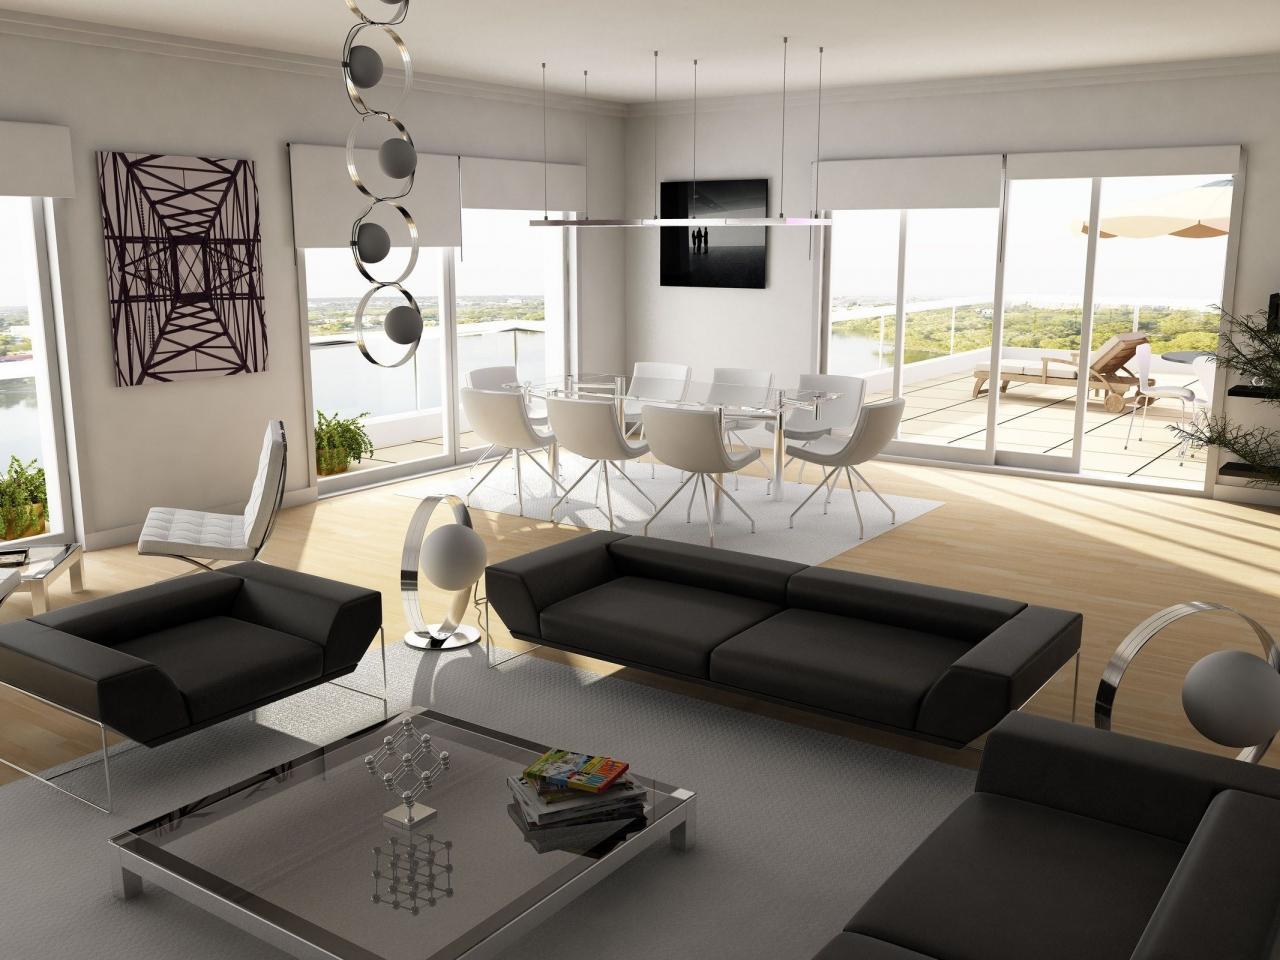 Diseño interior de una casa de campo - 1280x960